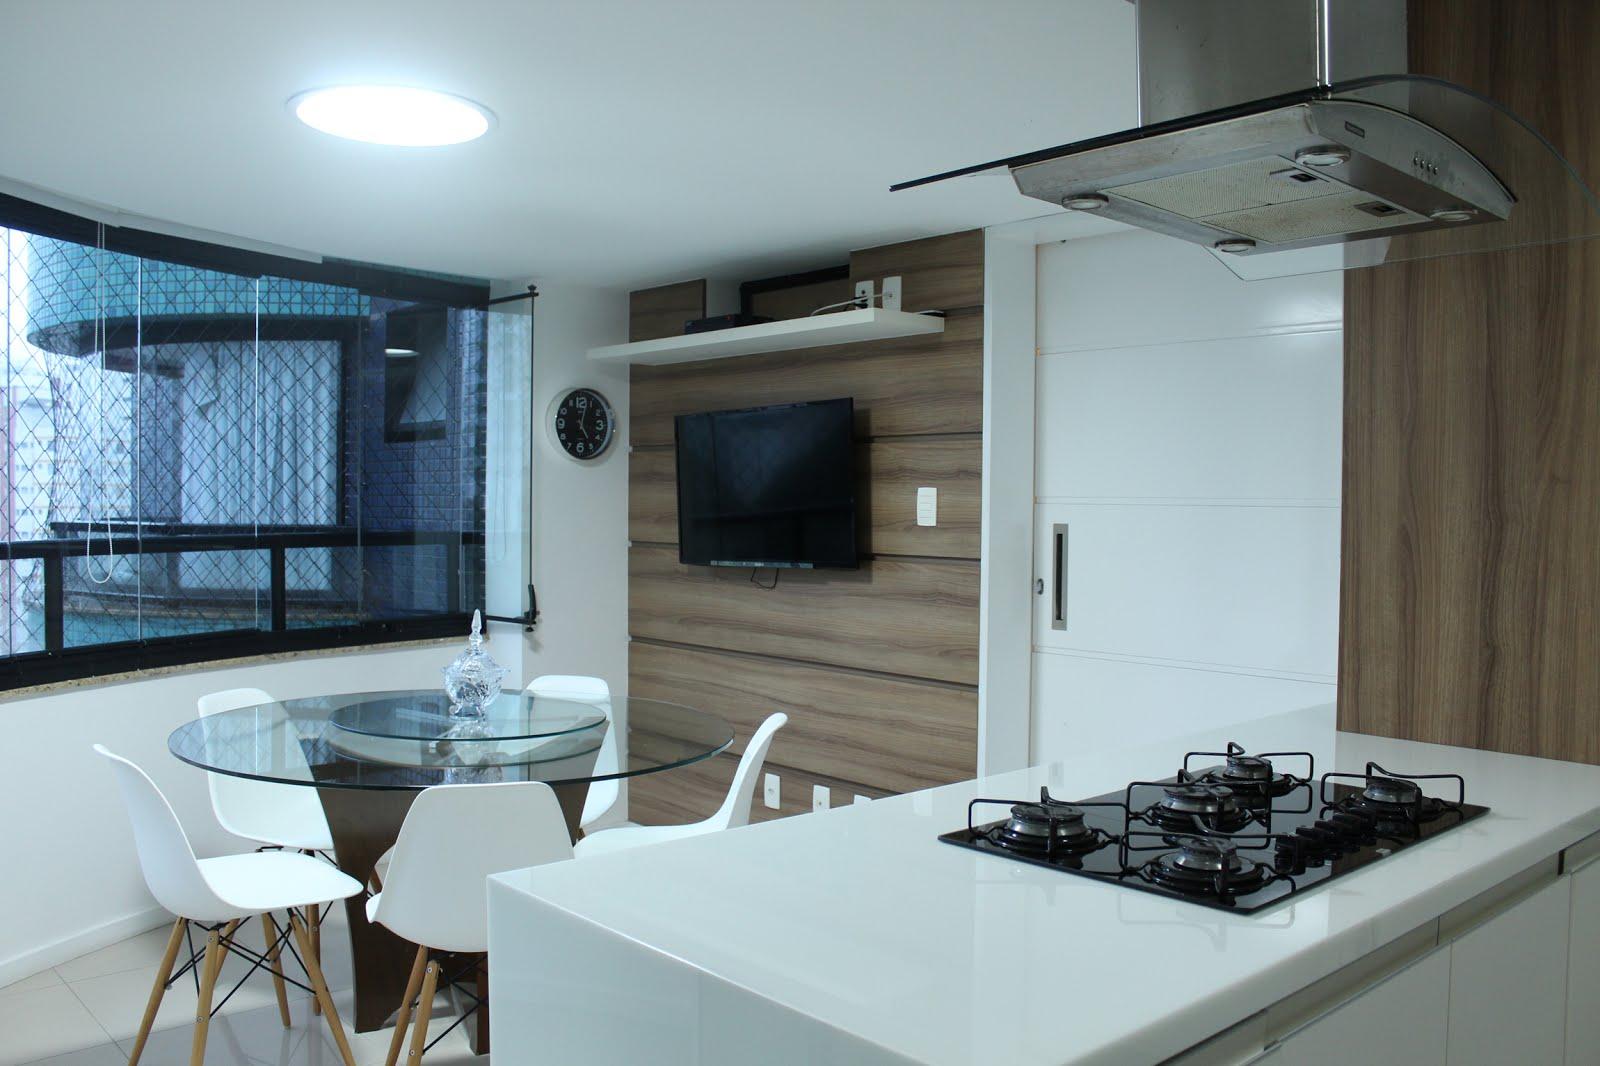 Cozinha gourmet  arquitetas Alice Elon e Rossana Alcântara  armários  #354B61 1600 1066